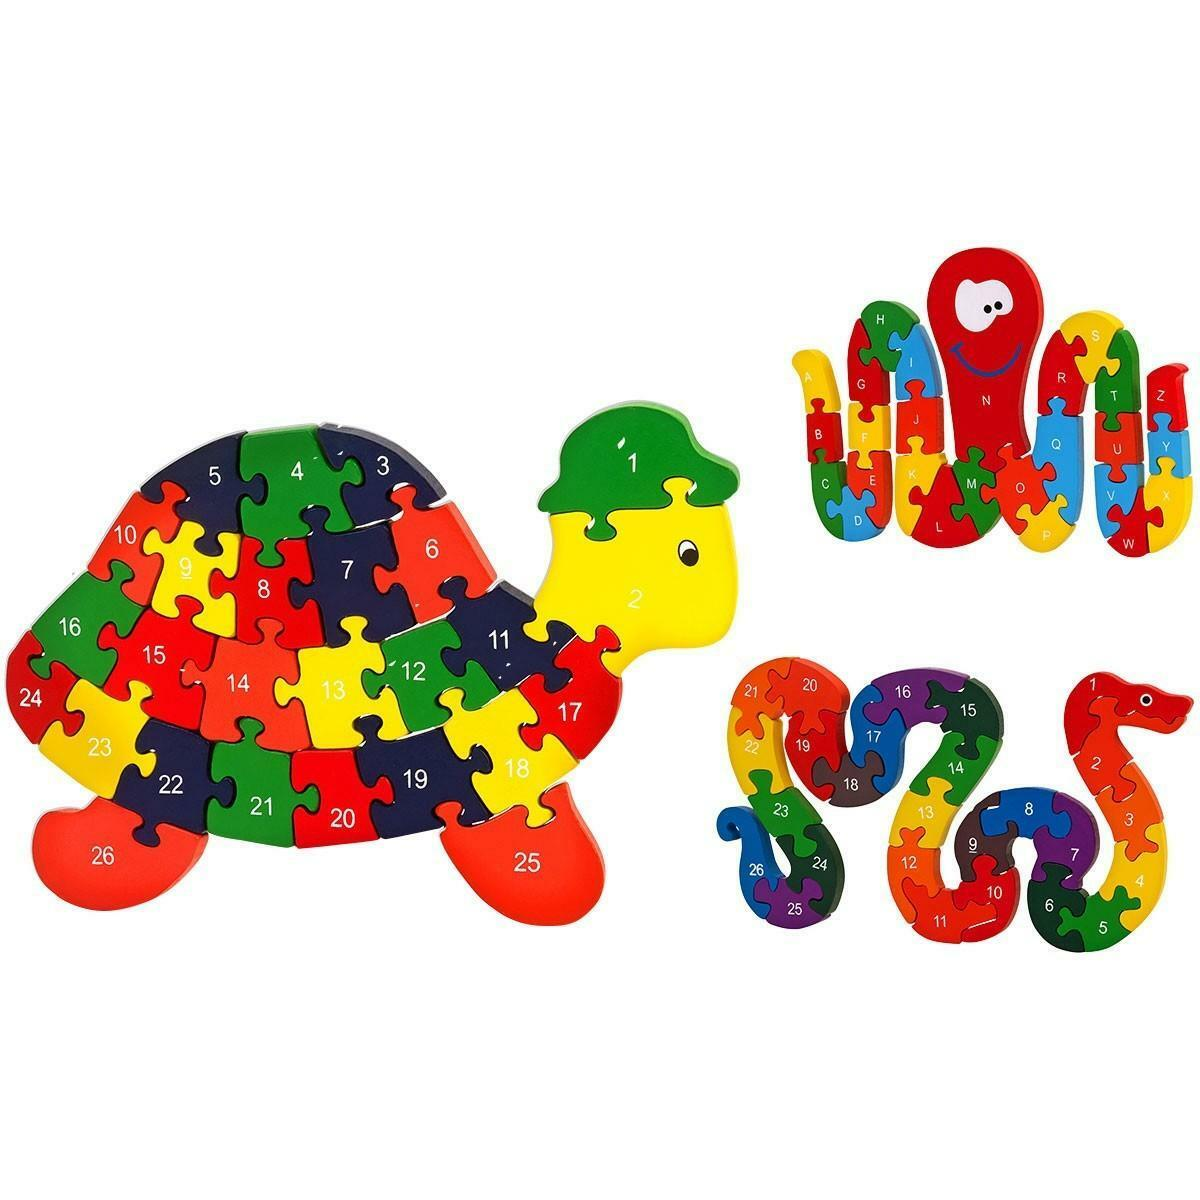 globo globo legnoland amico puzzle 26 pz